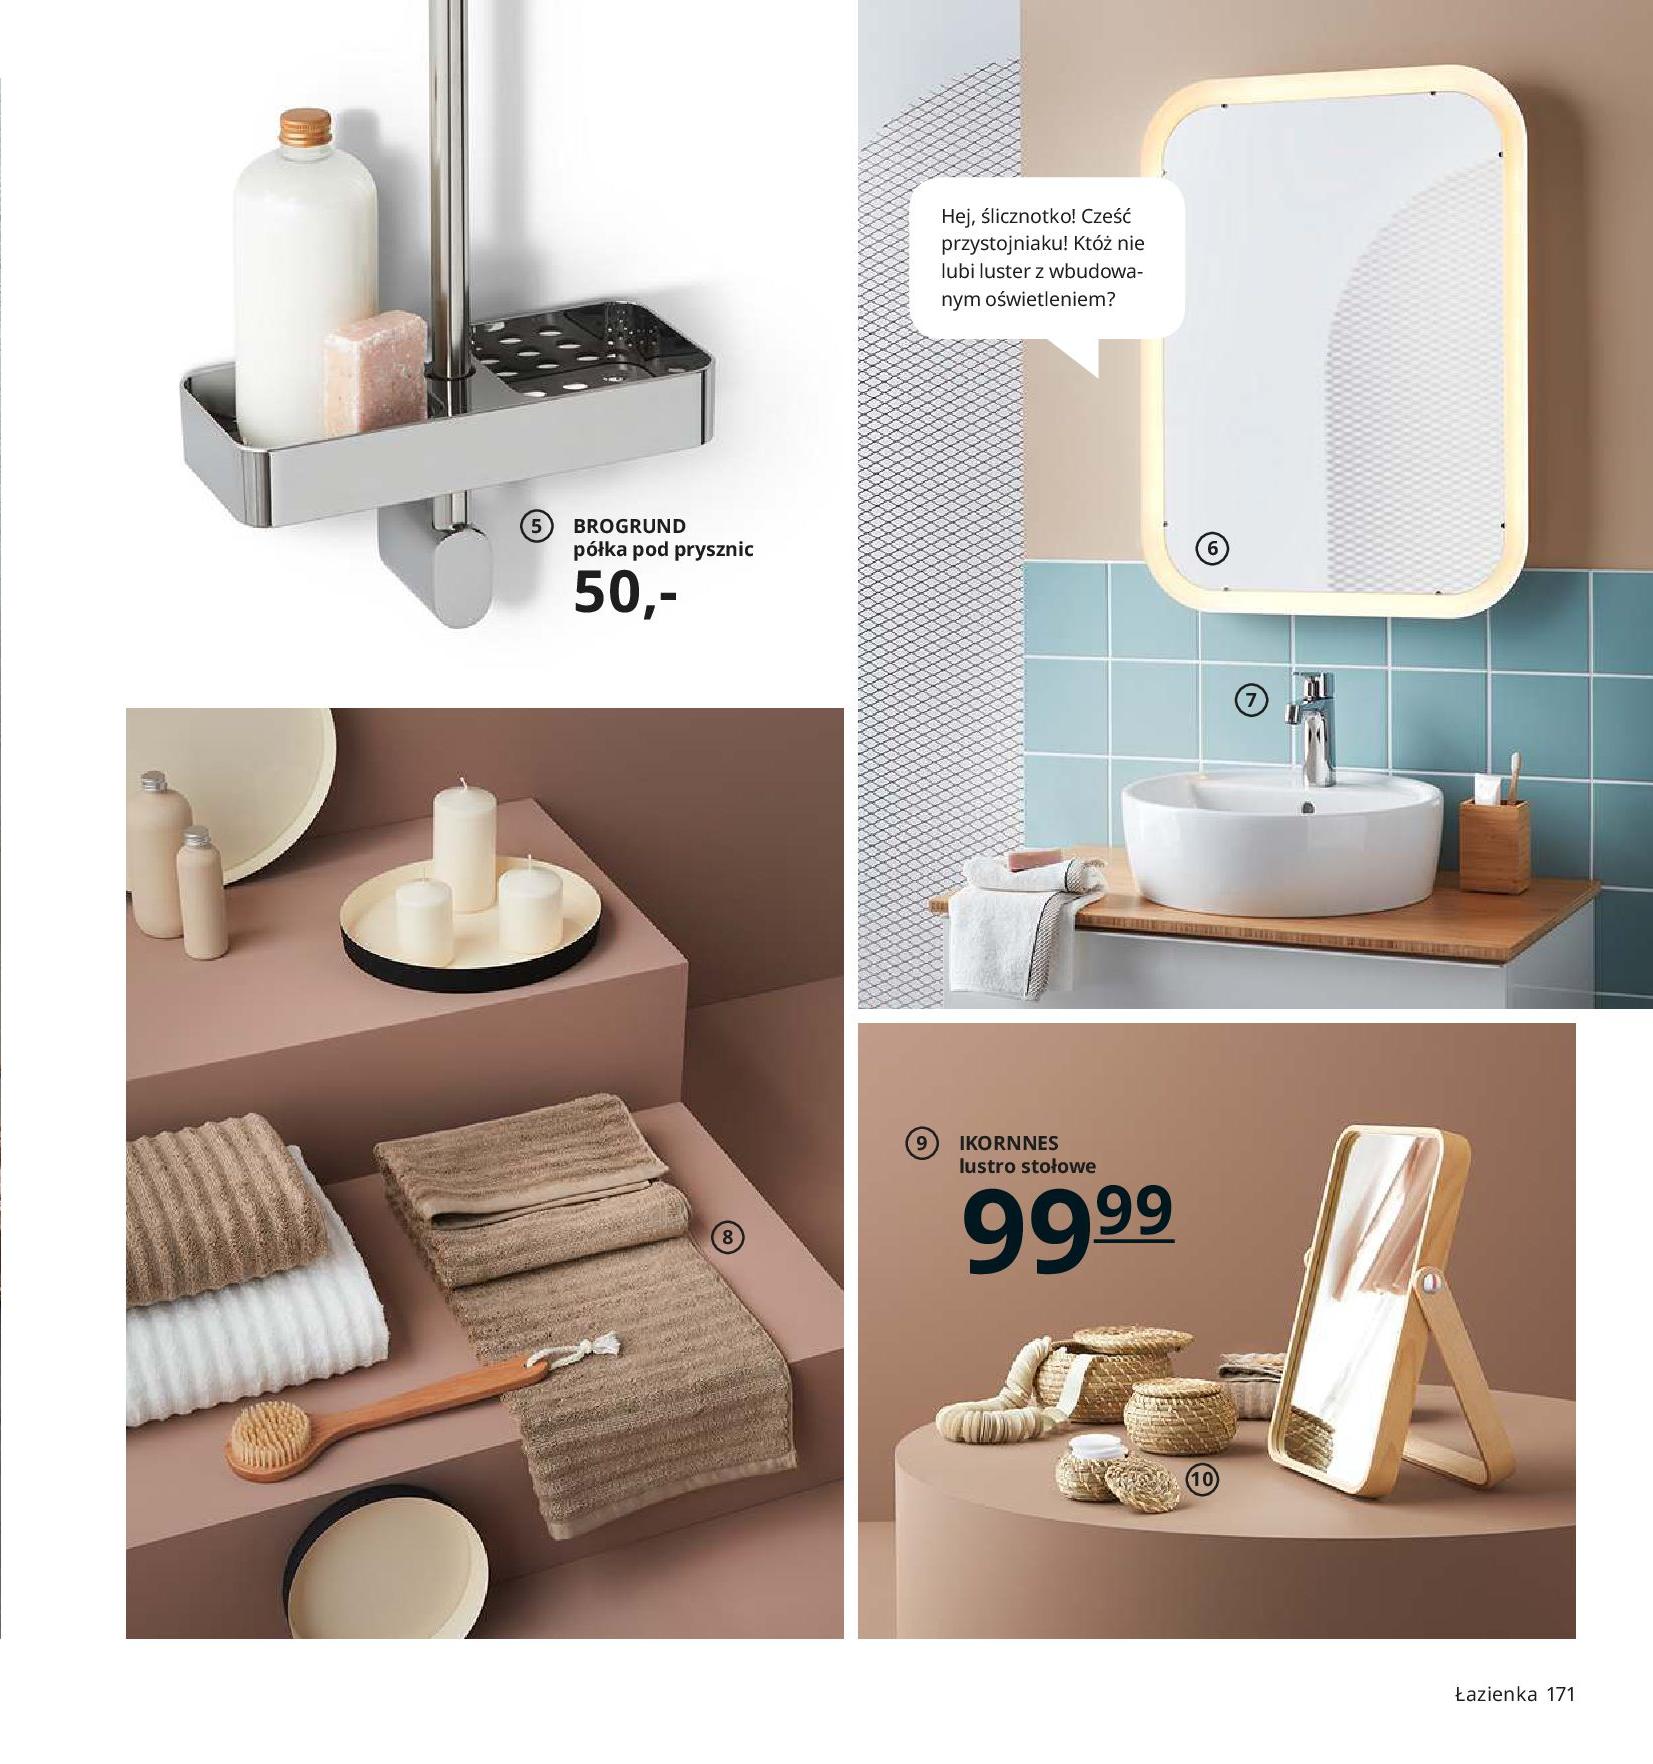 Gazetka IKEA - Katalog IKEA 2020-25.08.2019-31.07.2020-page-171